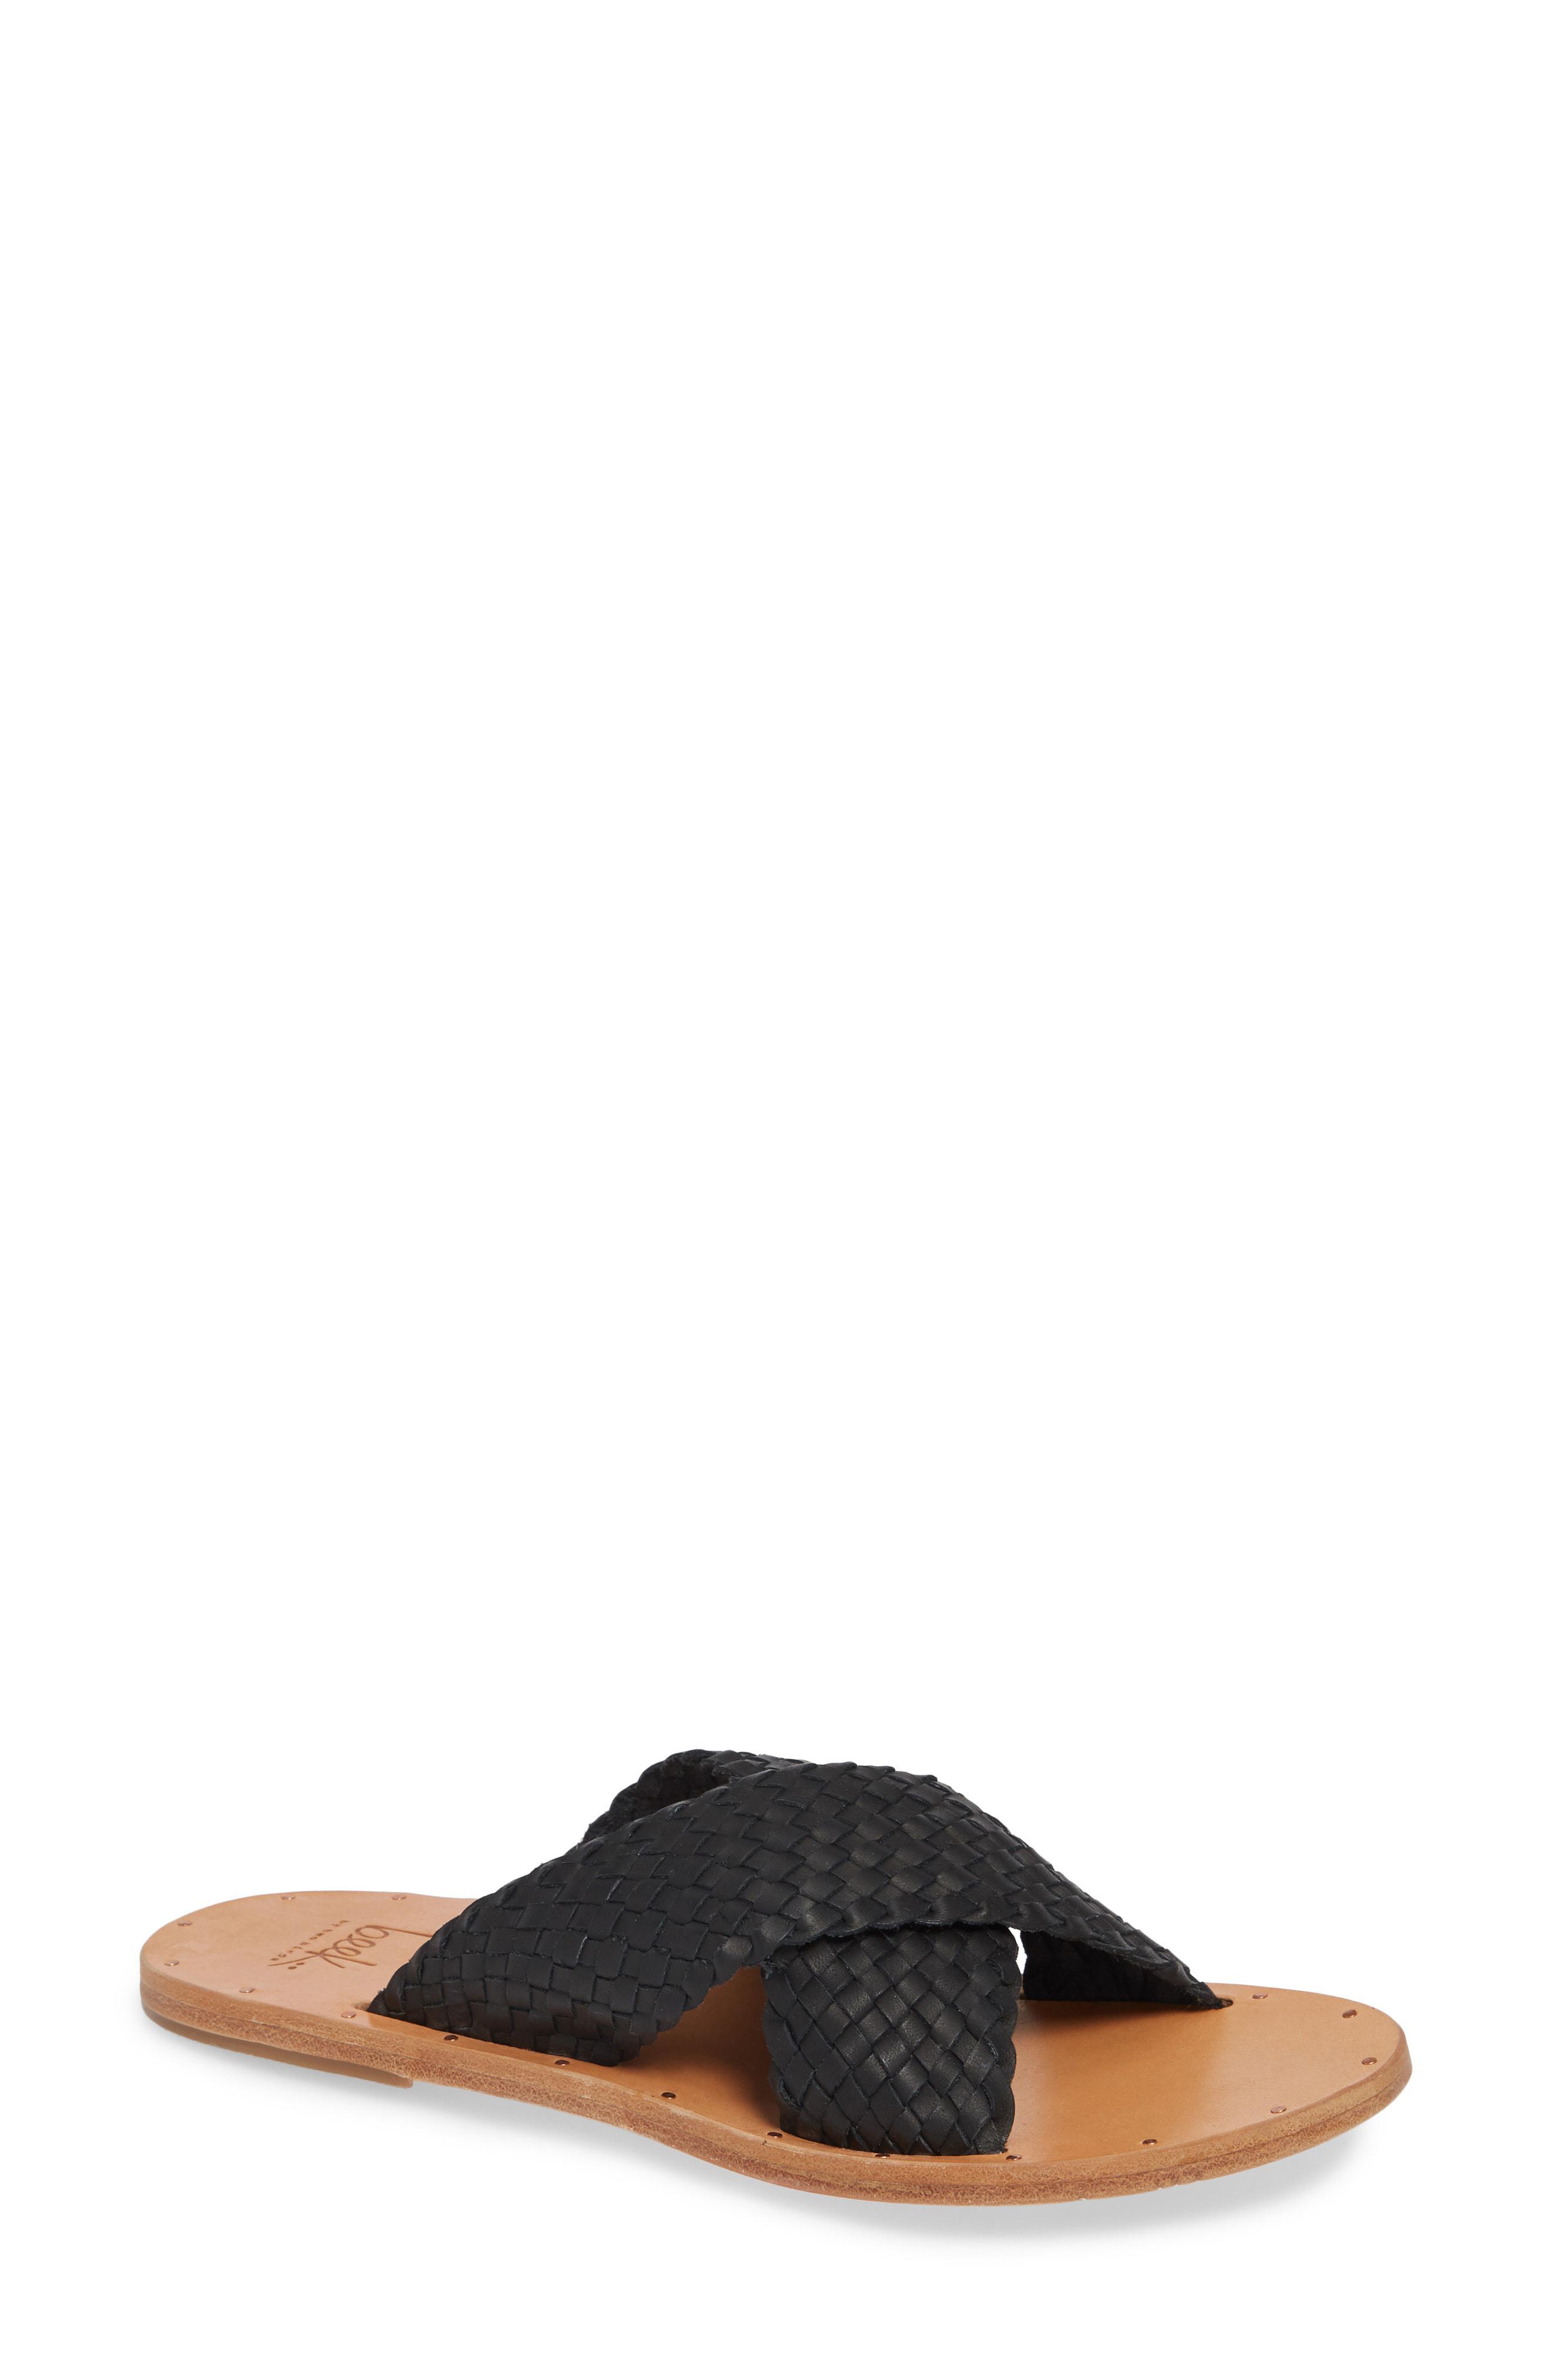 bc3b55079bd3 Lyst - Beek Plover Sandle in Black